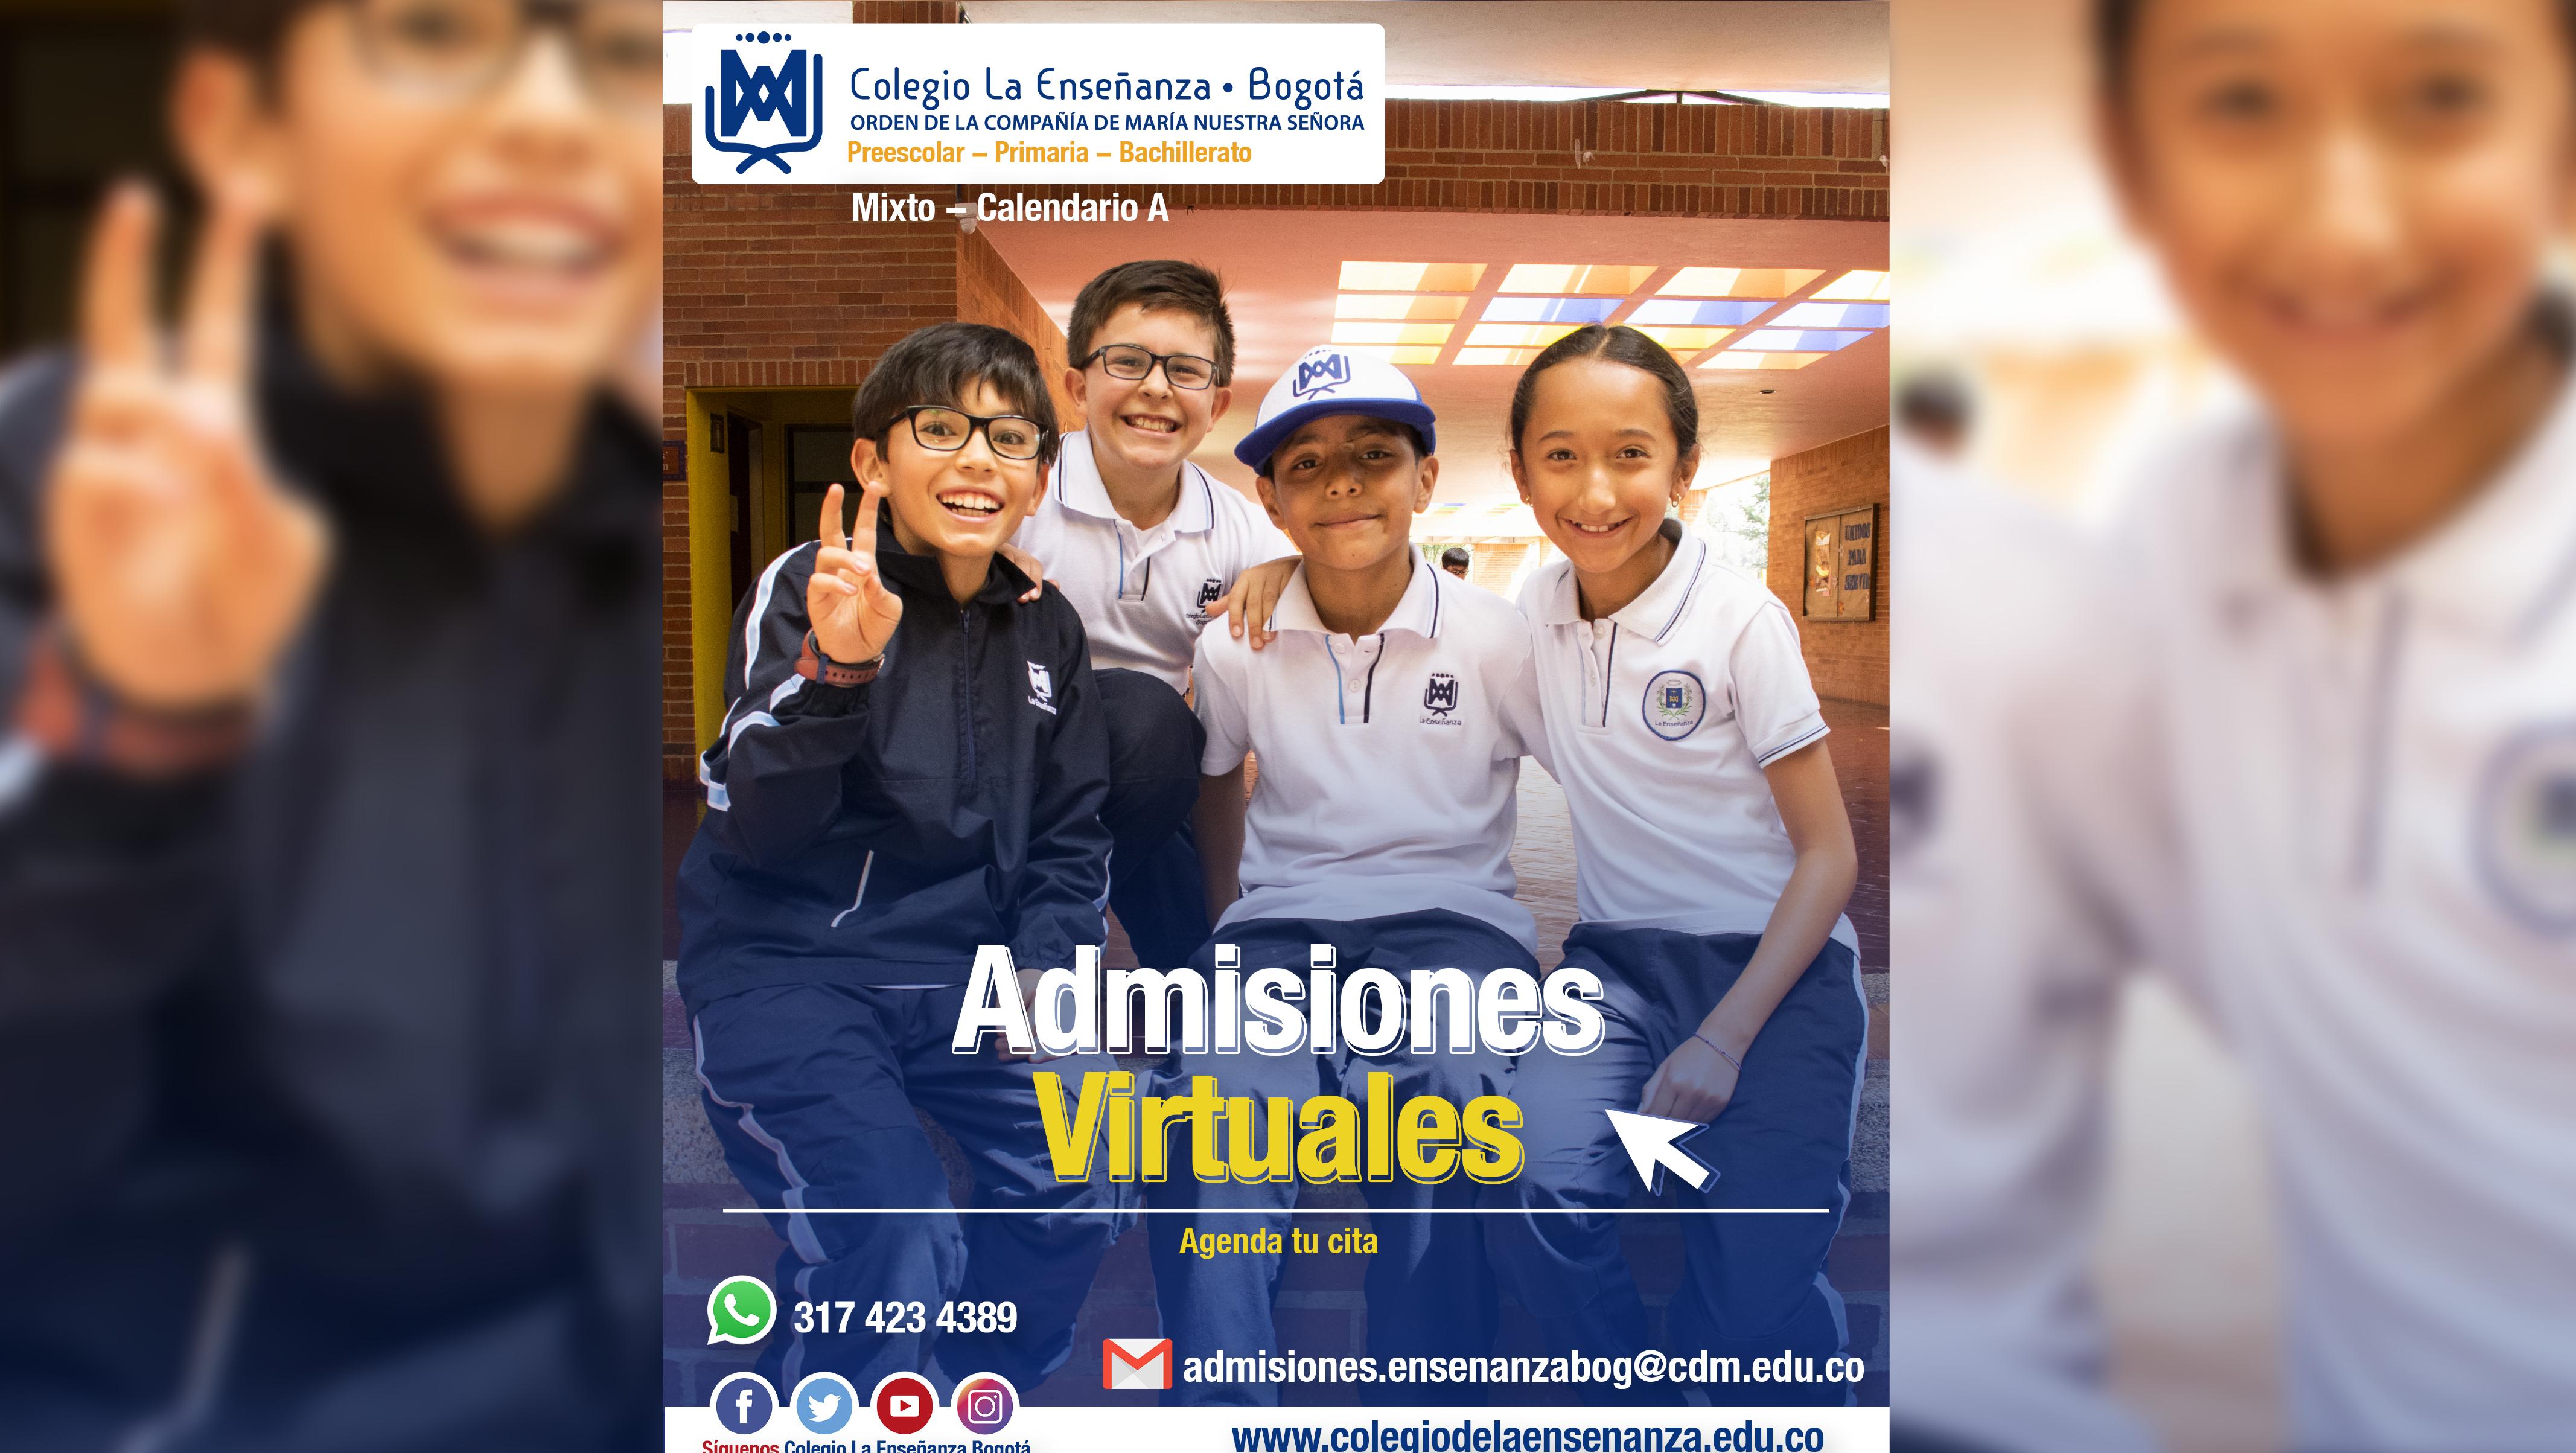 ADMISIONES-VIRTUALES-2020-colegio-la-enseñanza-bogota-01